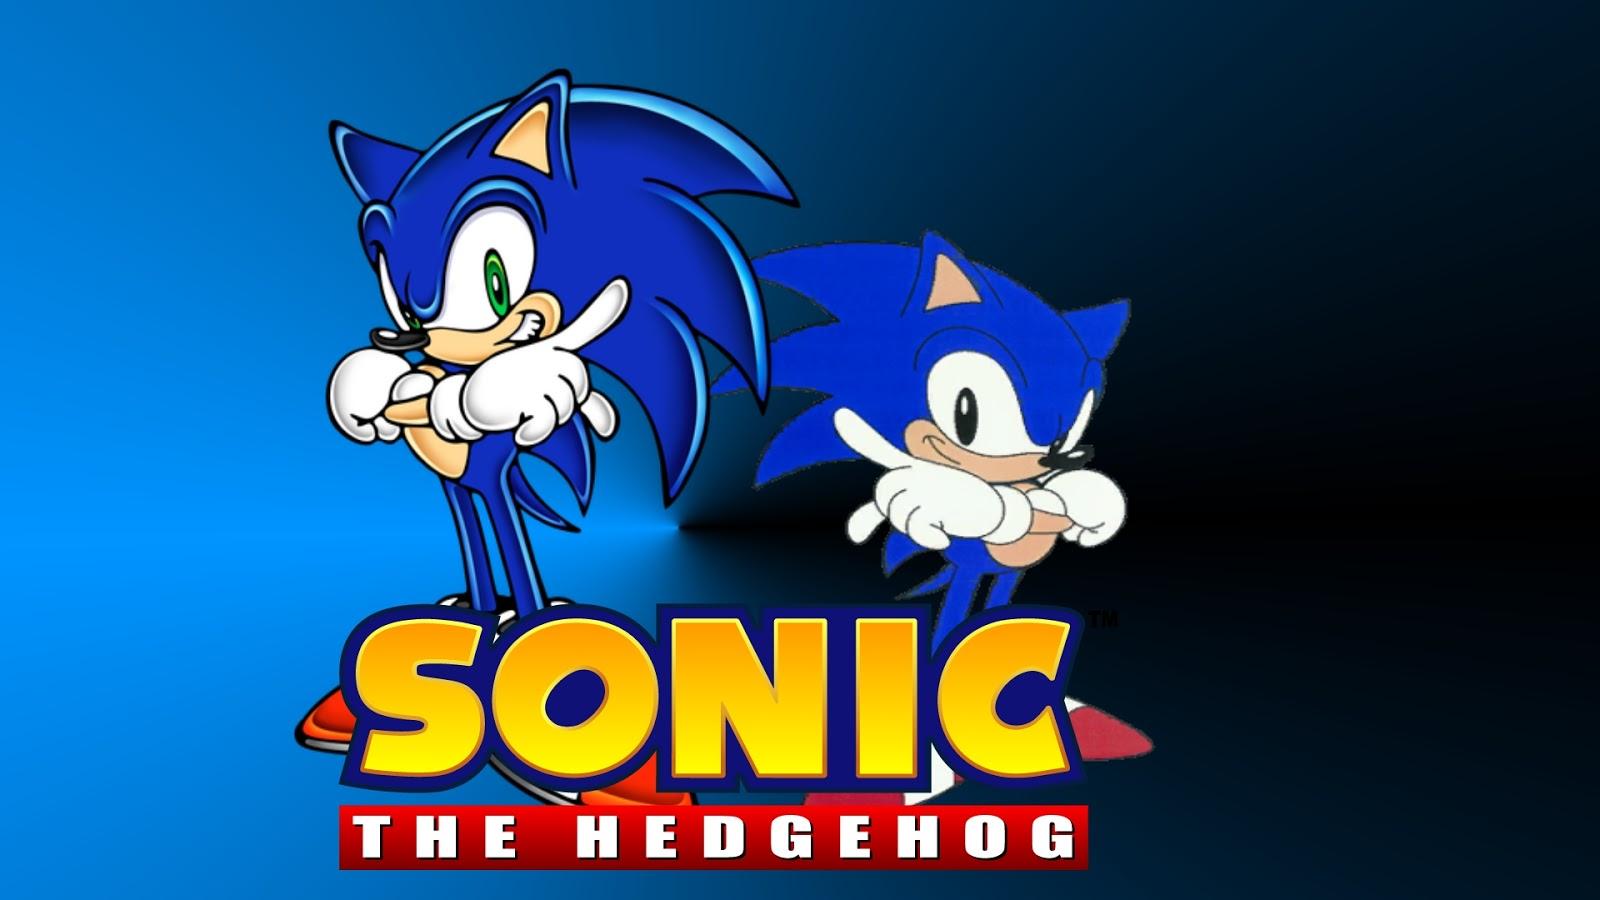 Sonic The Hedgehog Wallpaper Wallpapersafari